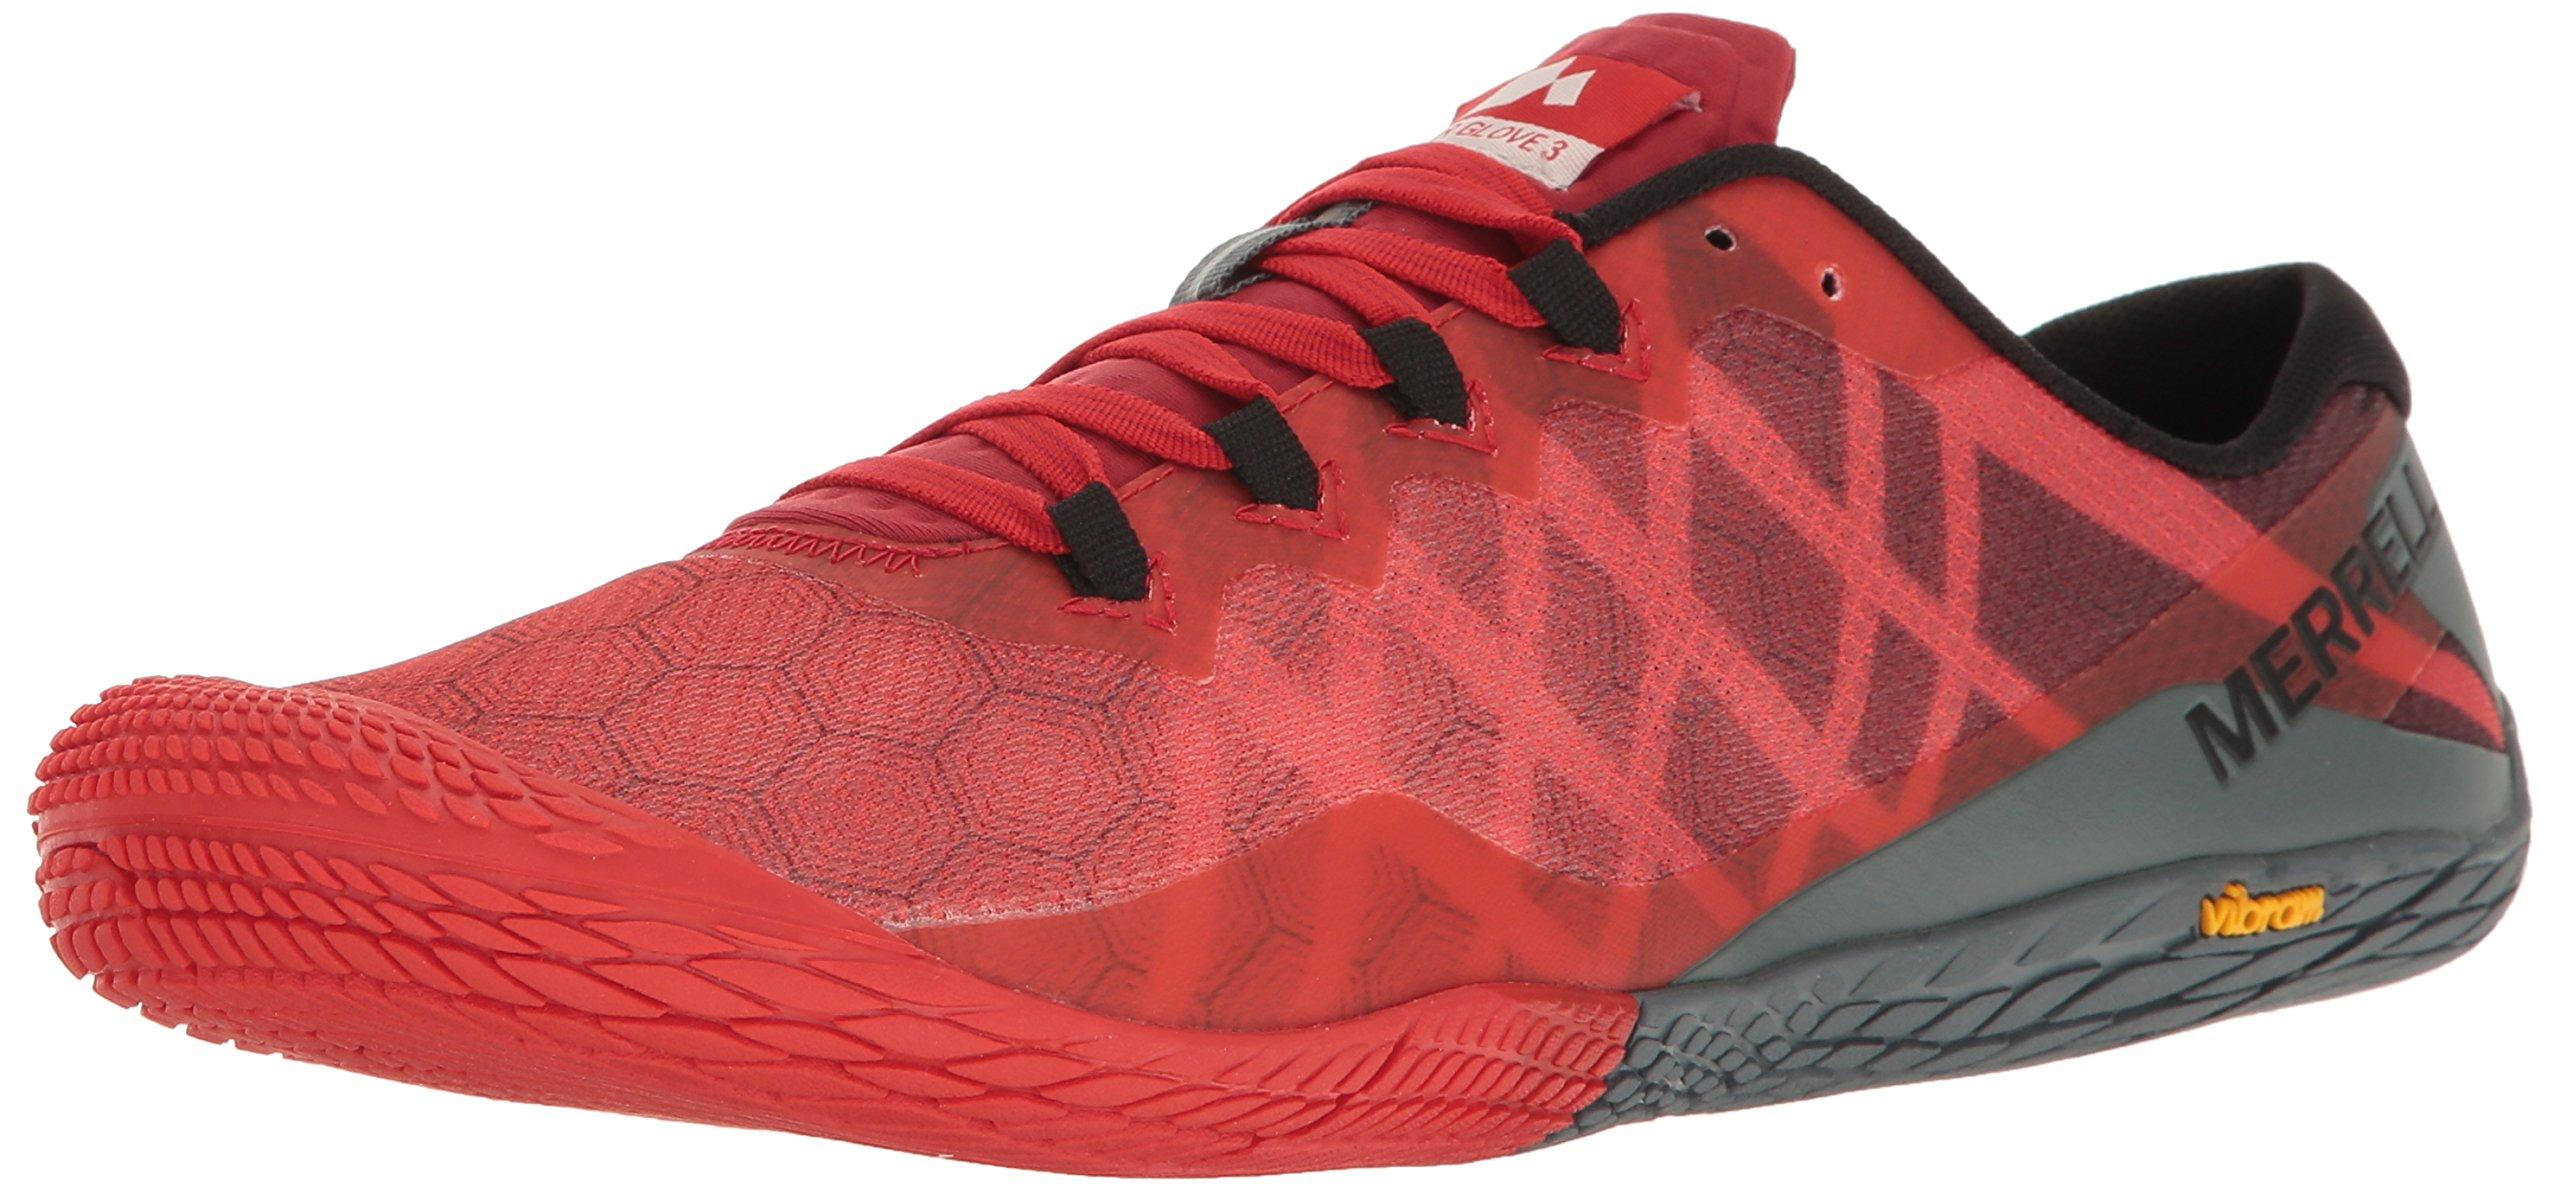 Merrell Men S Vapor Glove 3 Trail Runner Buy Online In Aruba